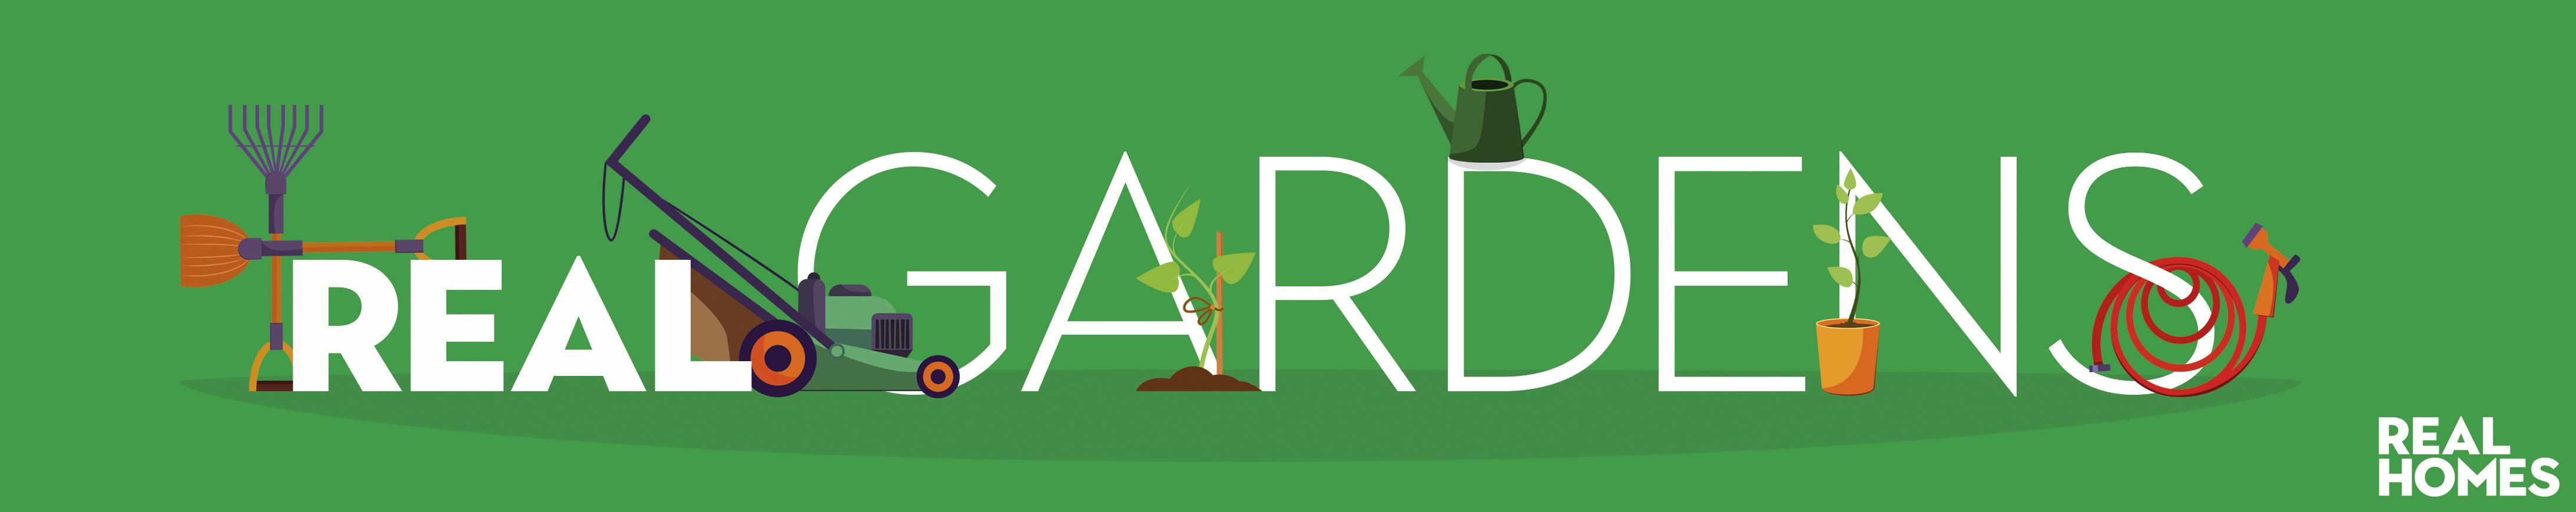 real gardens header.jpg